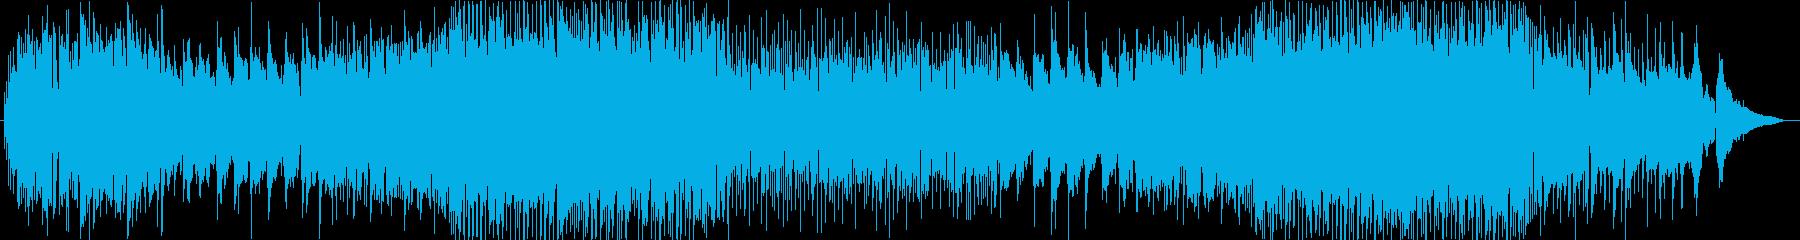 エンディングを飾るバイオリンPOPSの再生済みの波形